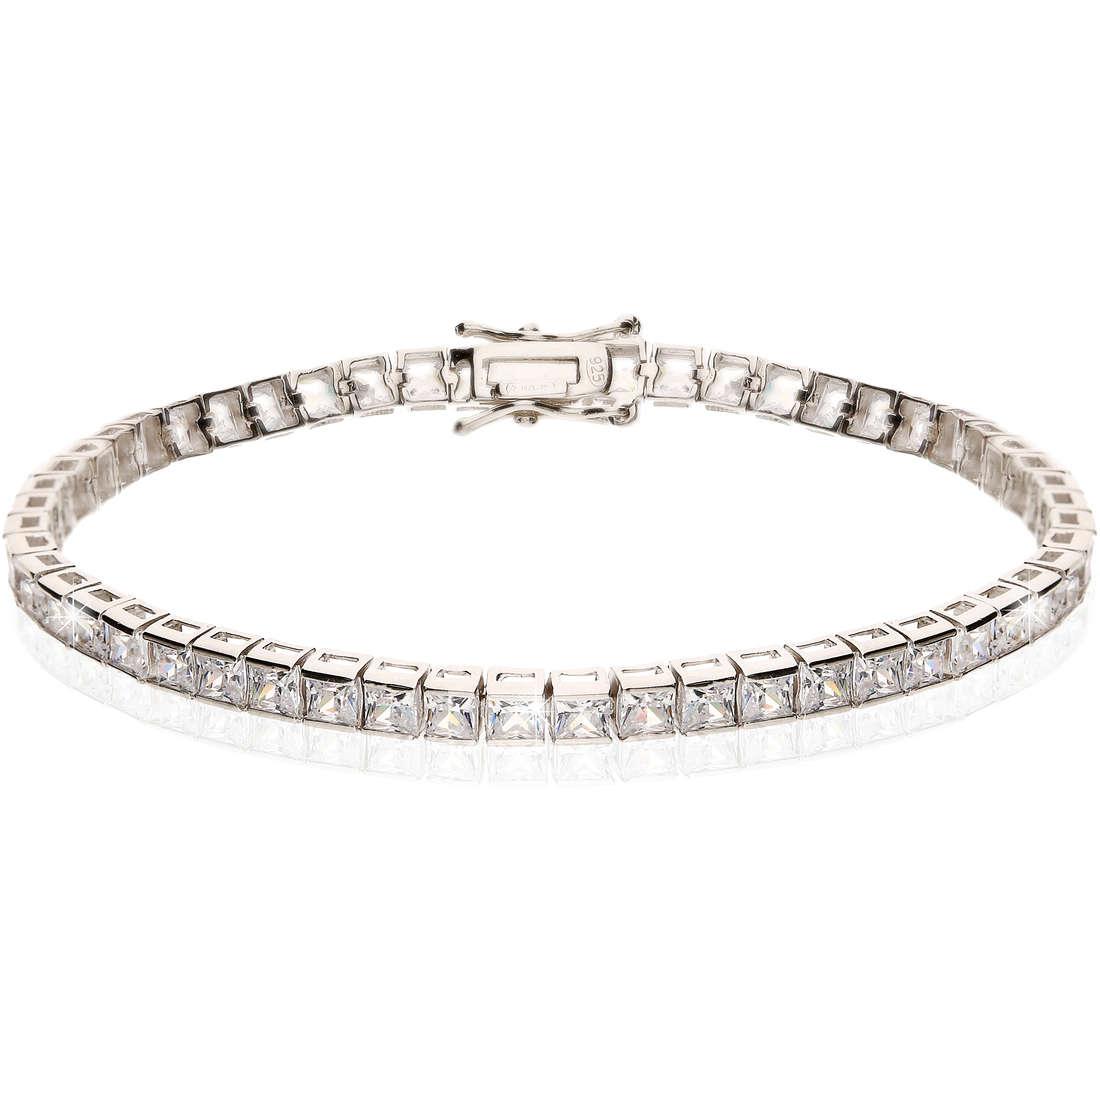 bracelet woman jewellery GioiaPura 8568-01-16